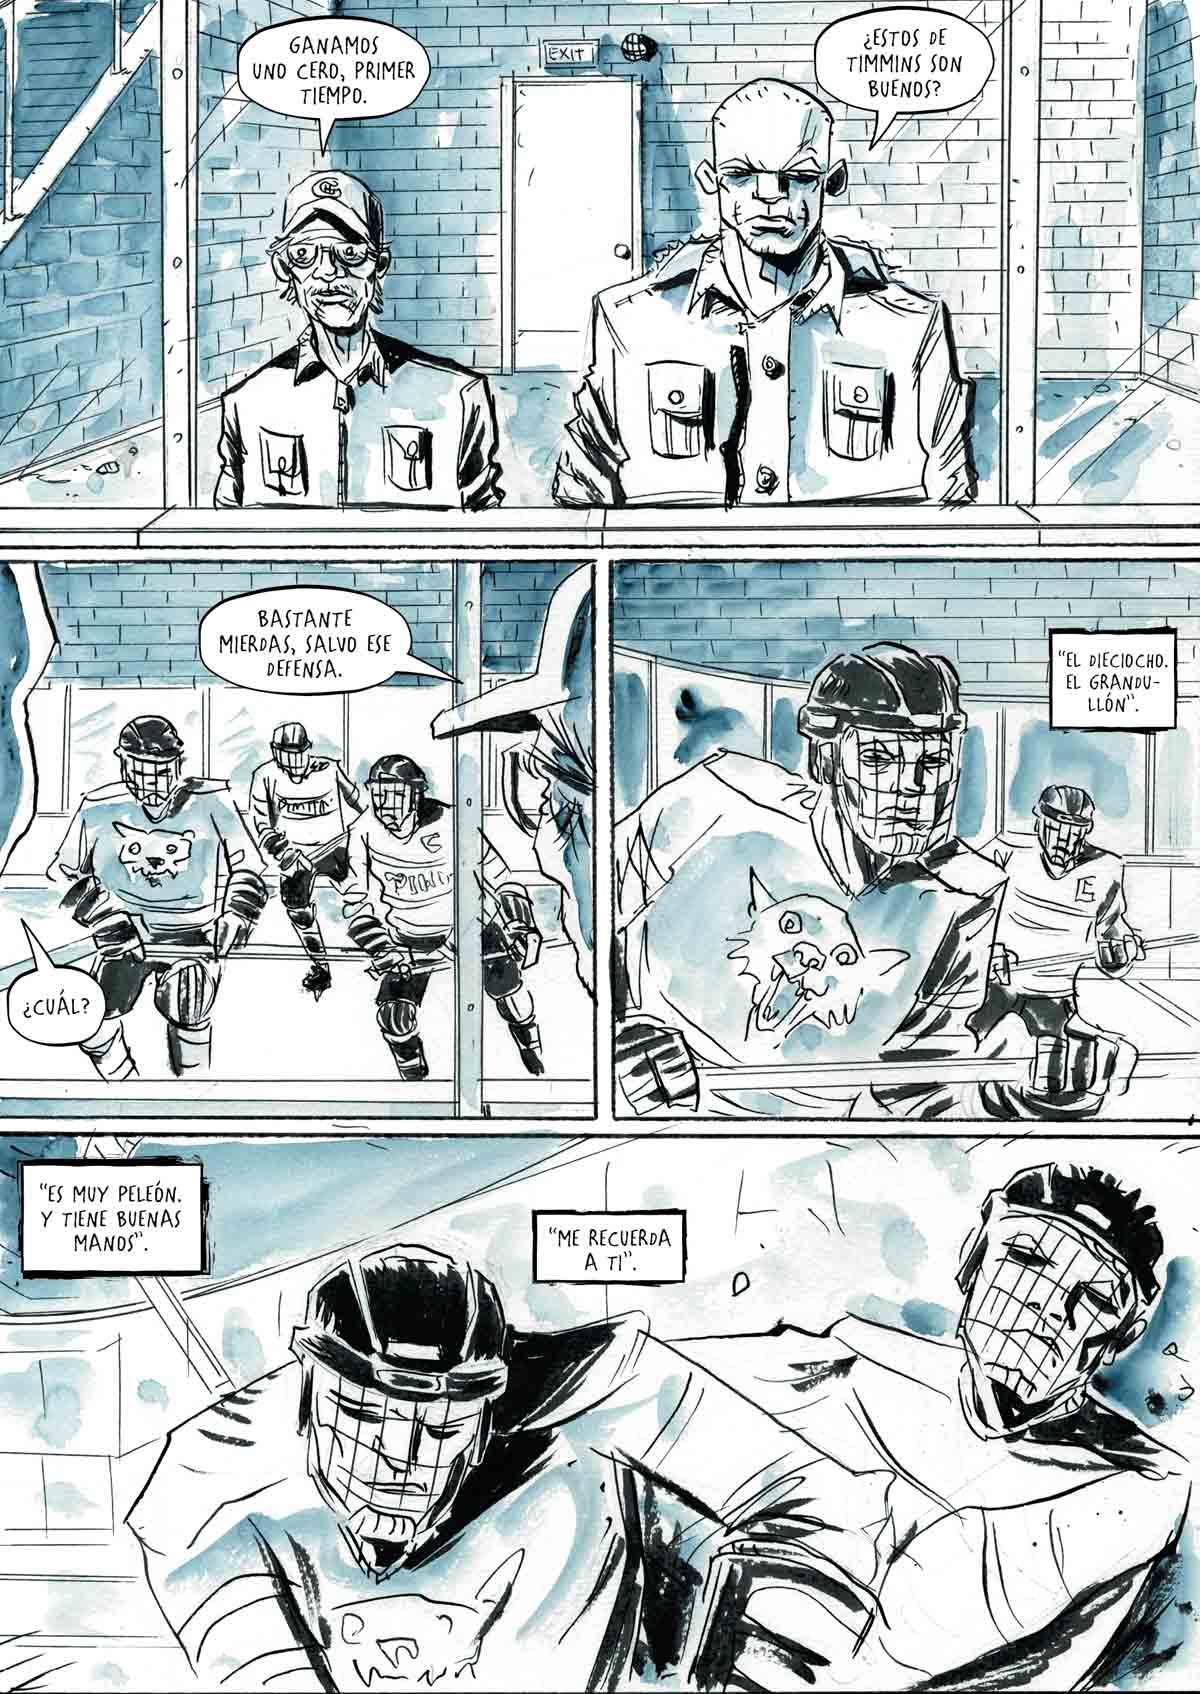 Golem-Comics-Un-tipo-duro-Jeff-lemire-04